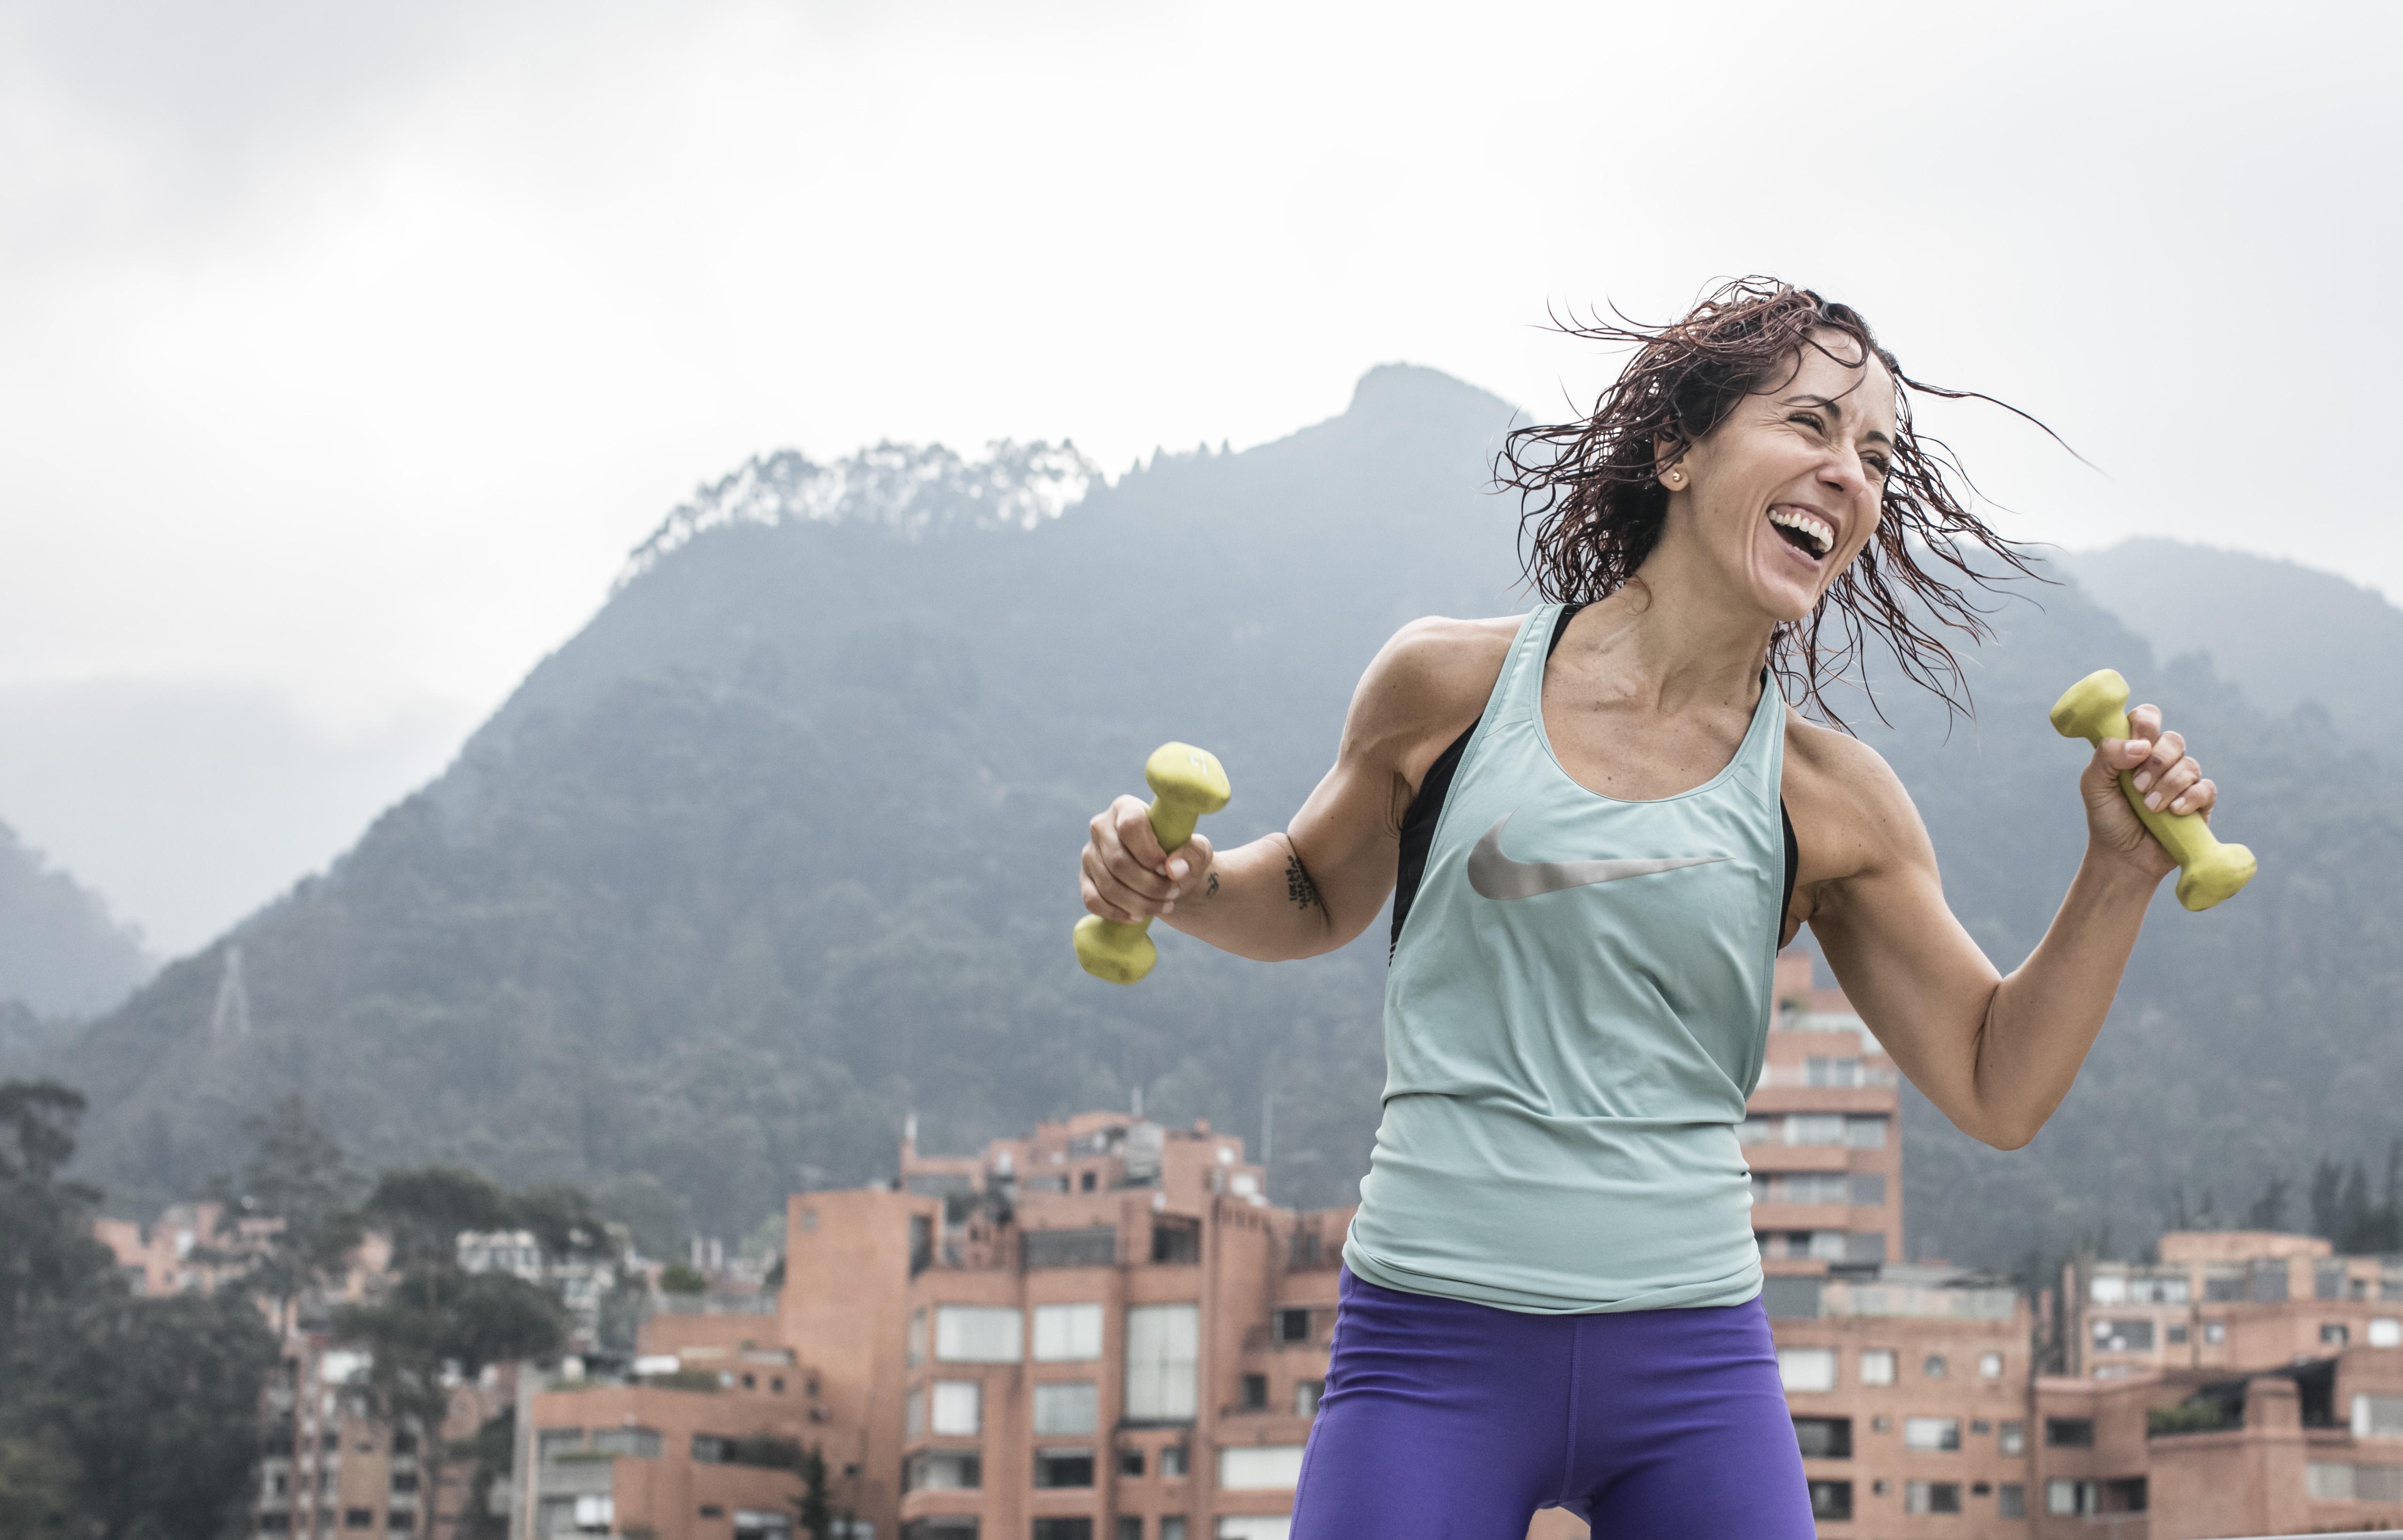 Mujer sonriente practicando deporte con dos mancuernas en las manos y con un polo de Nike.